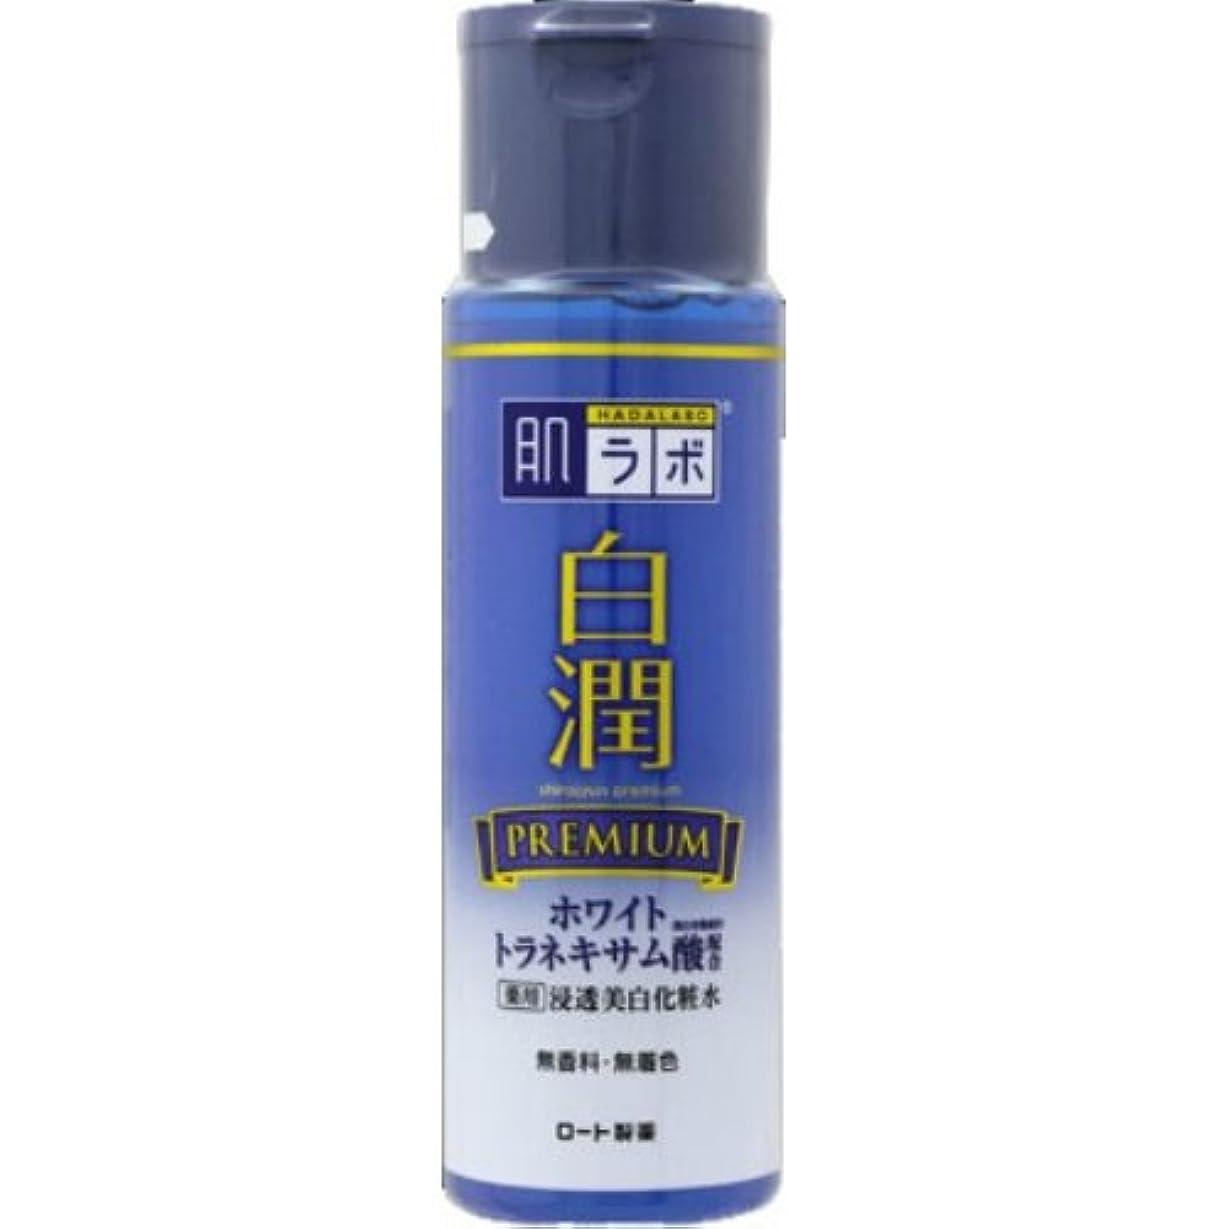 降臨シンボルペック肌ラボ 白潤プレミアム 薬用浸透美白化粧水 170mL × 3個セット